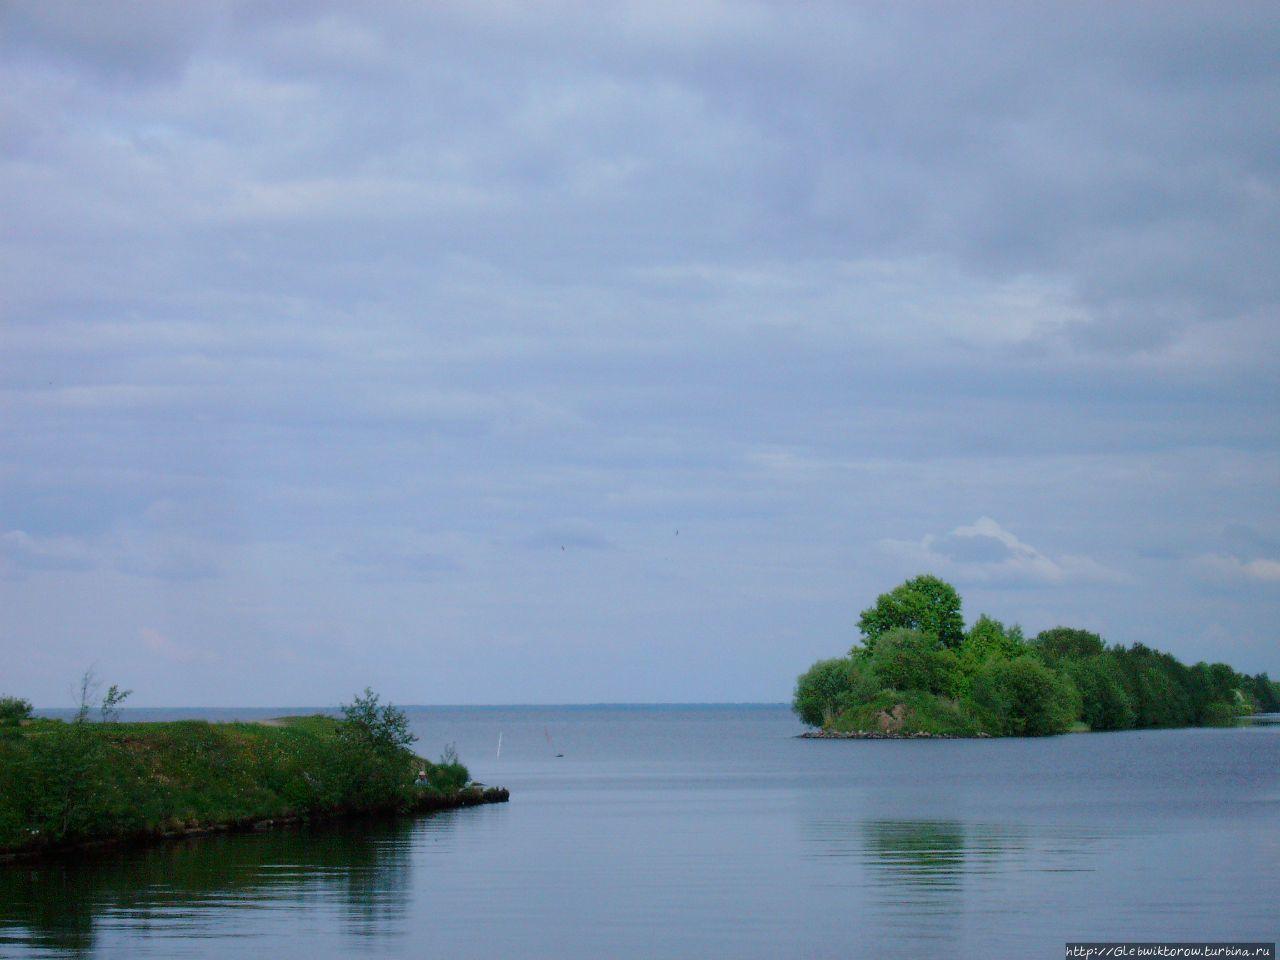 короб белое озеро вологодская область фото сверху вызывали скорую рано